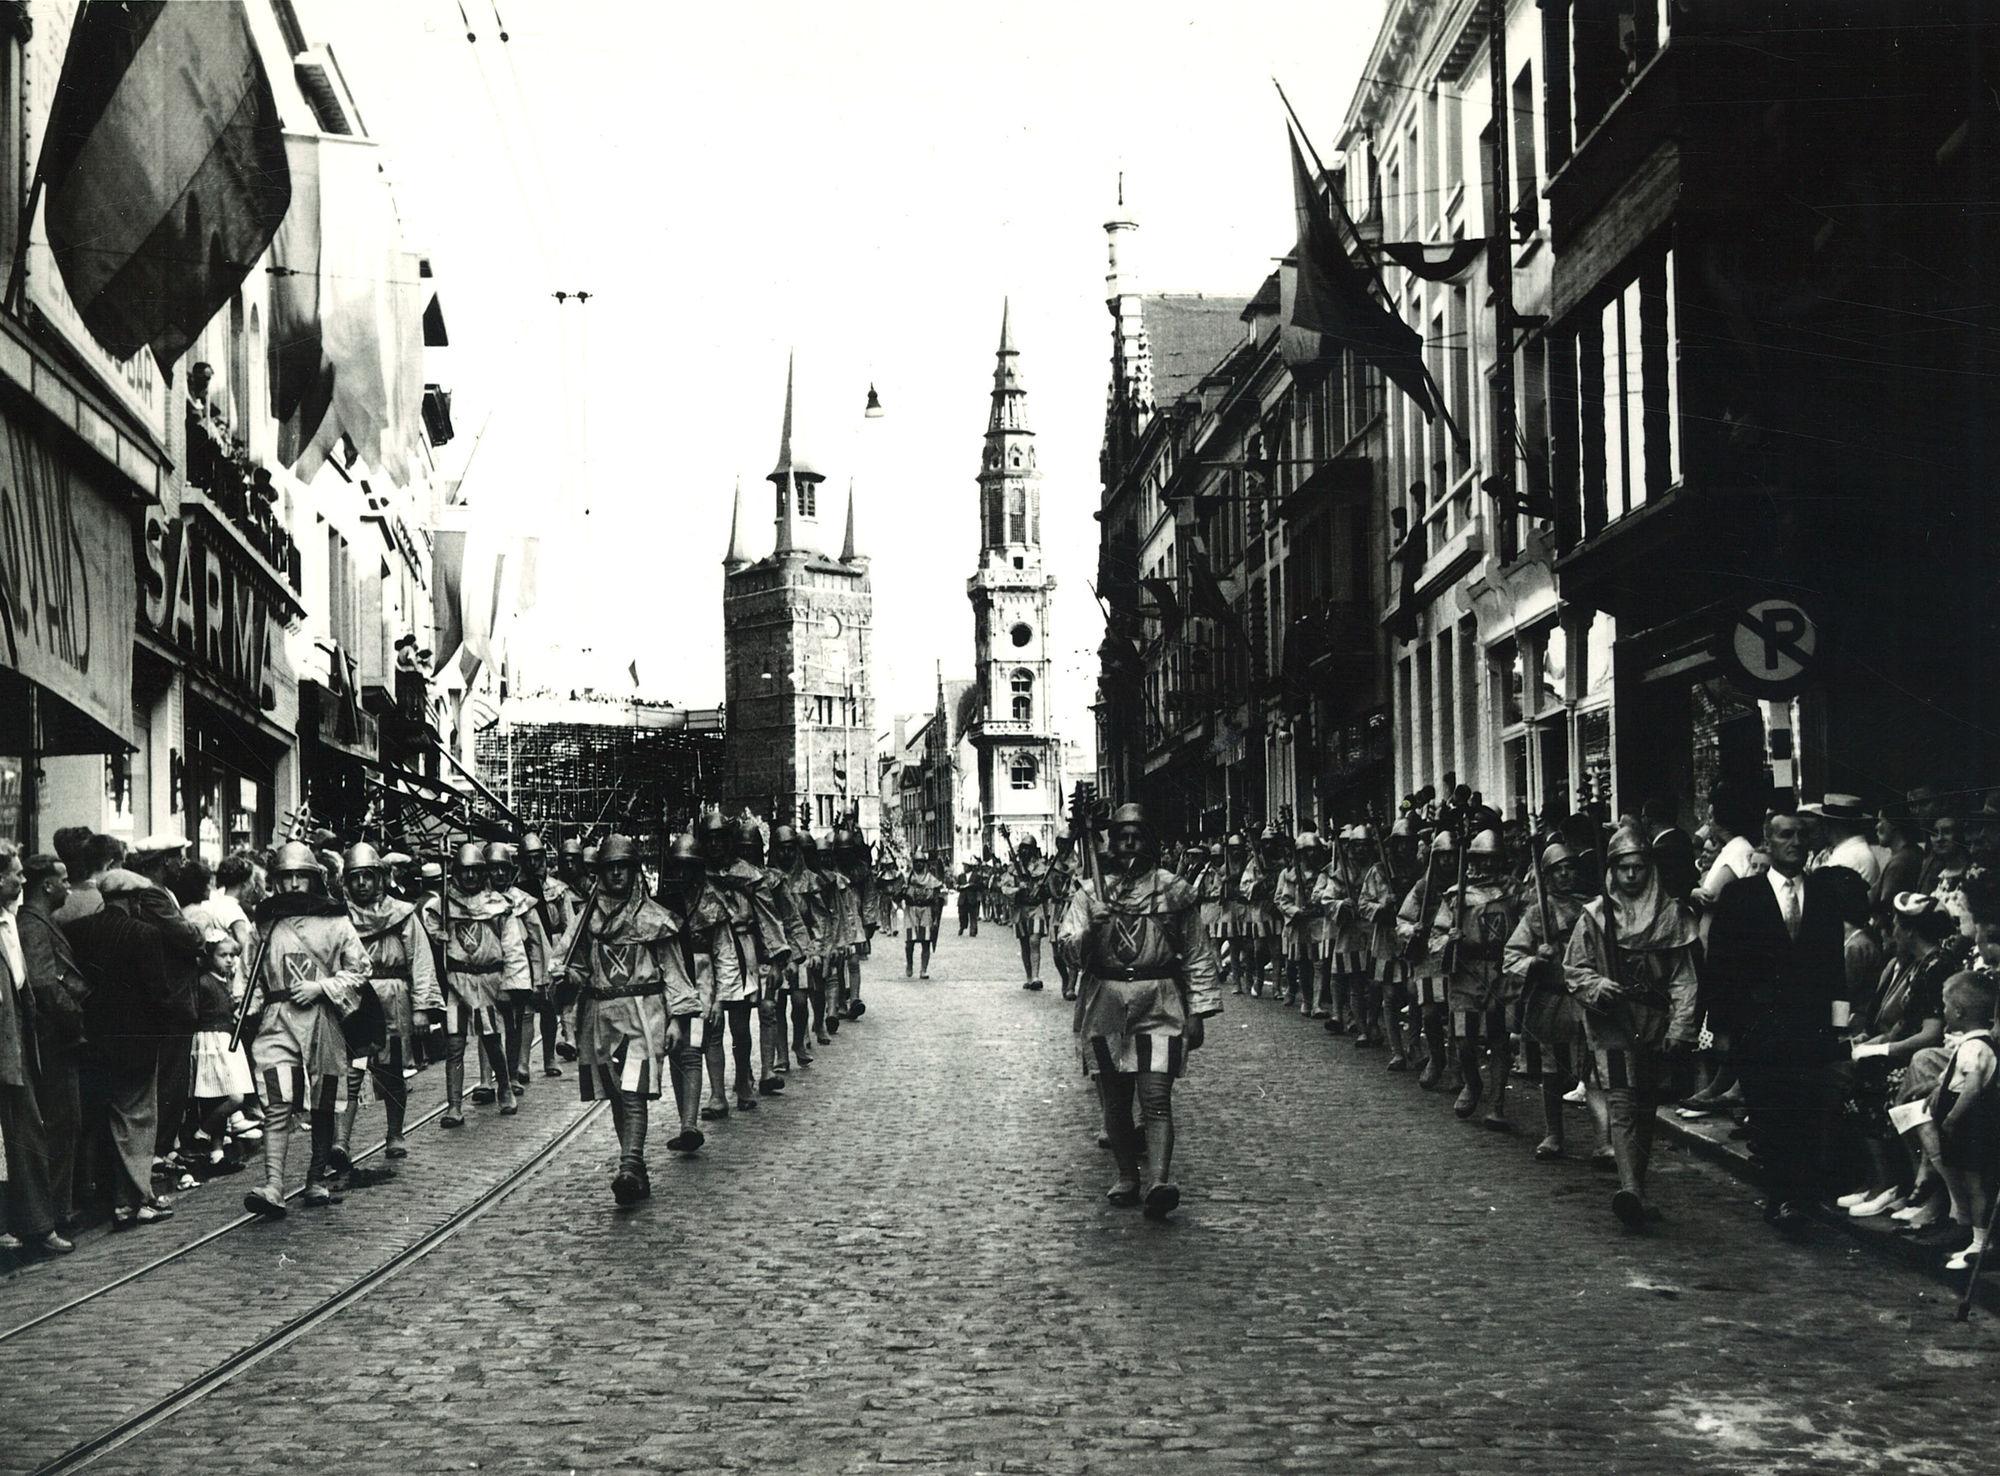 Guldensporenstoet 1952